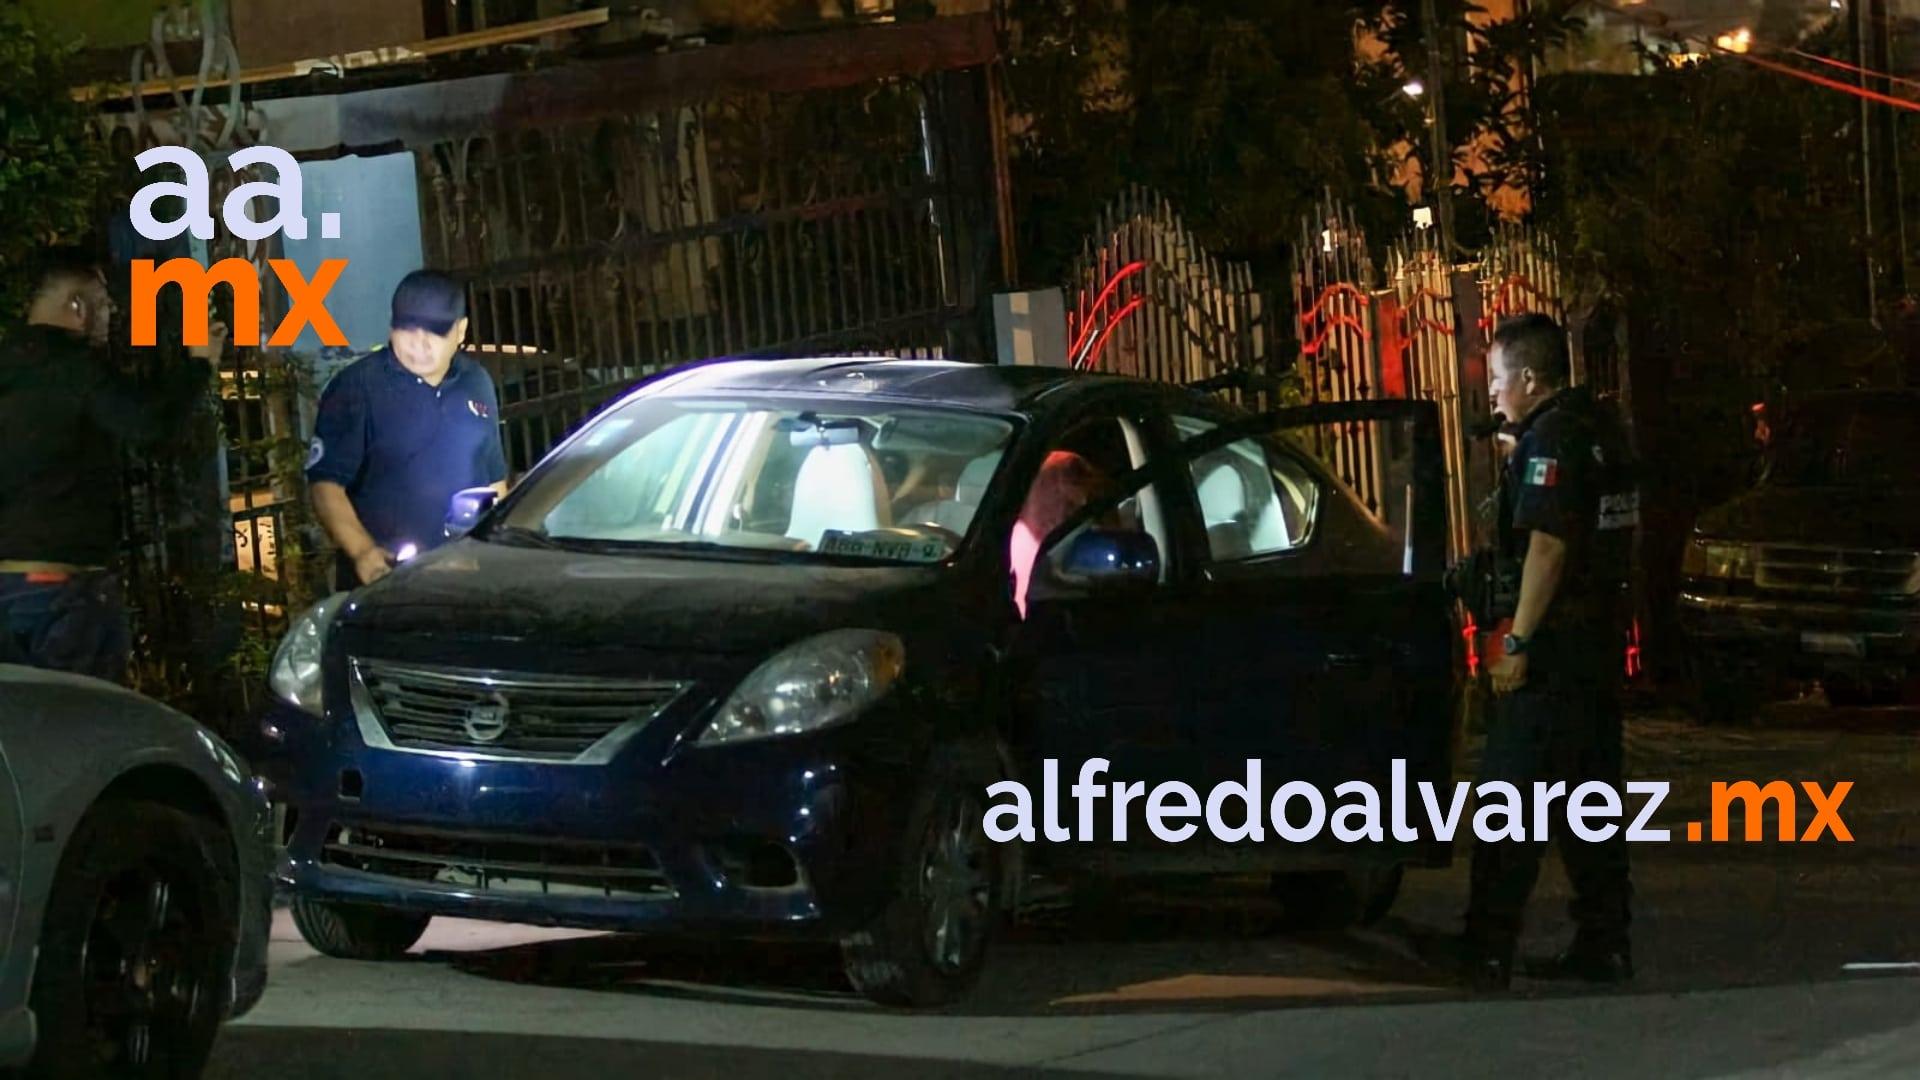 Llegan-en-taxi-libre-y-matan-a-un-hombre-en-su-auto